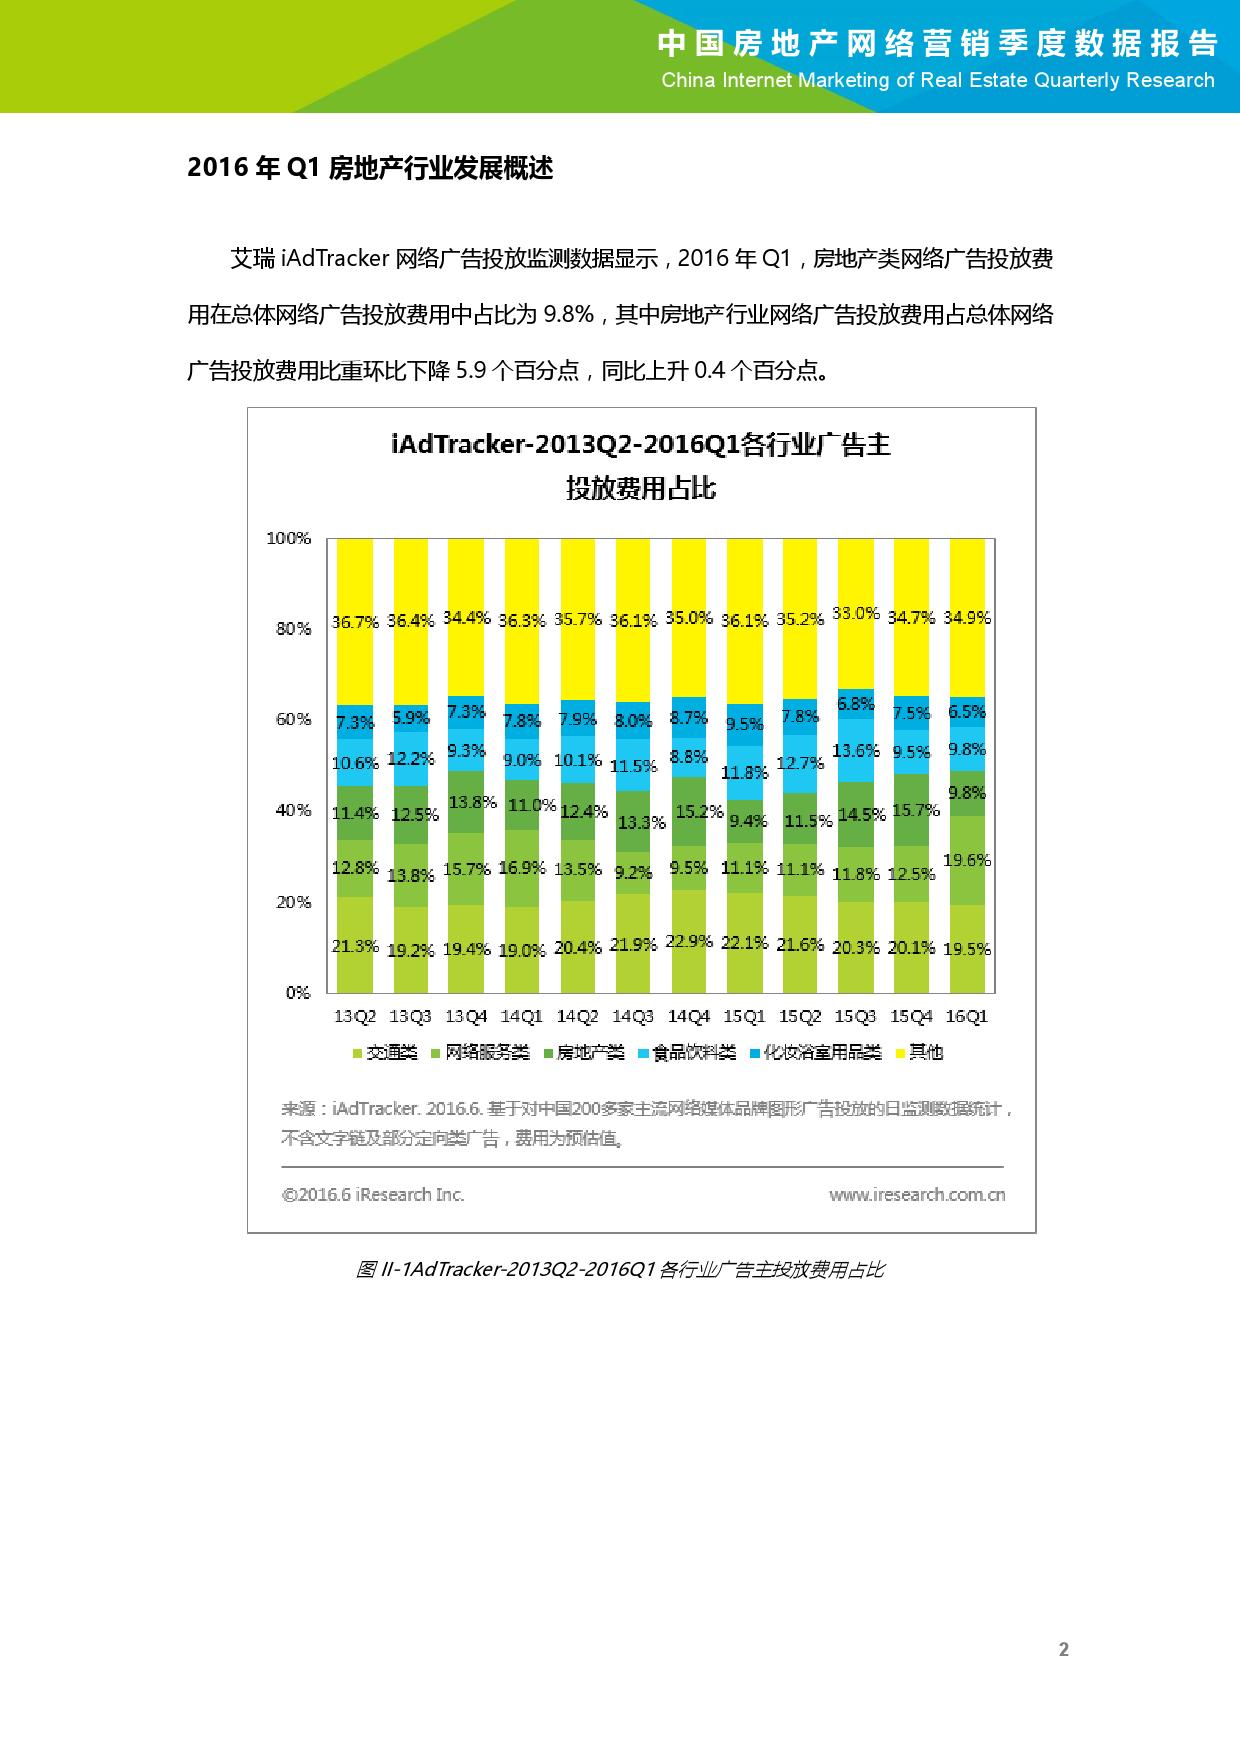 2016年Q1中国房地产网络营销季度数据报告_000003